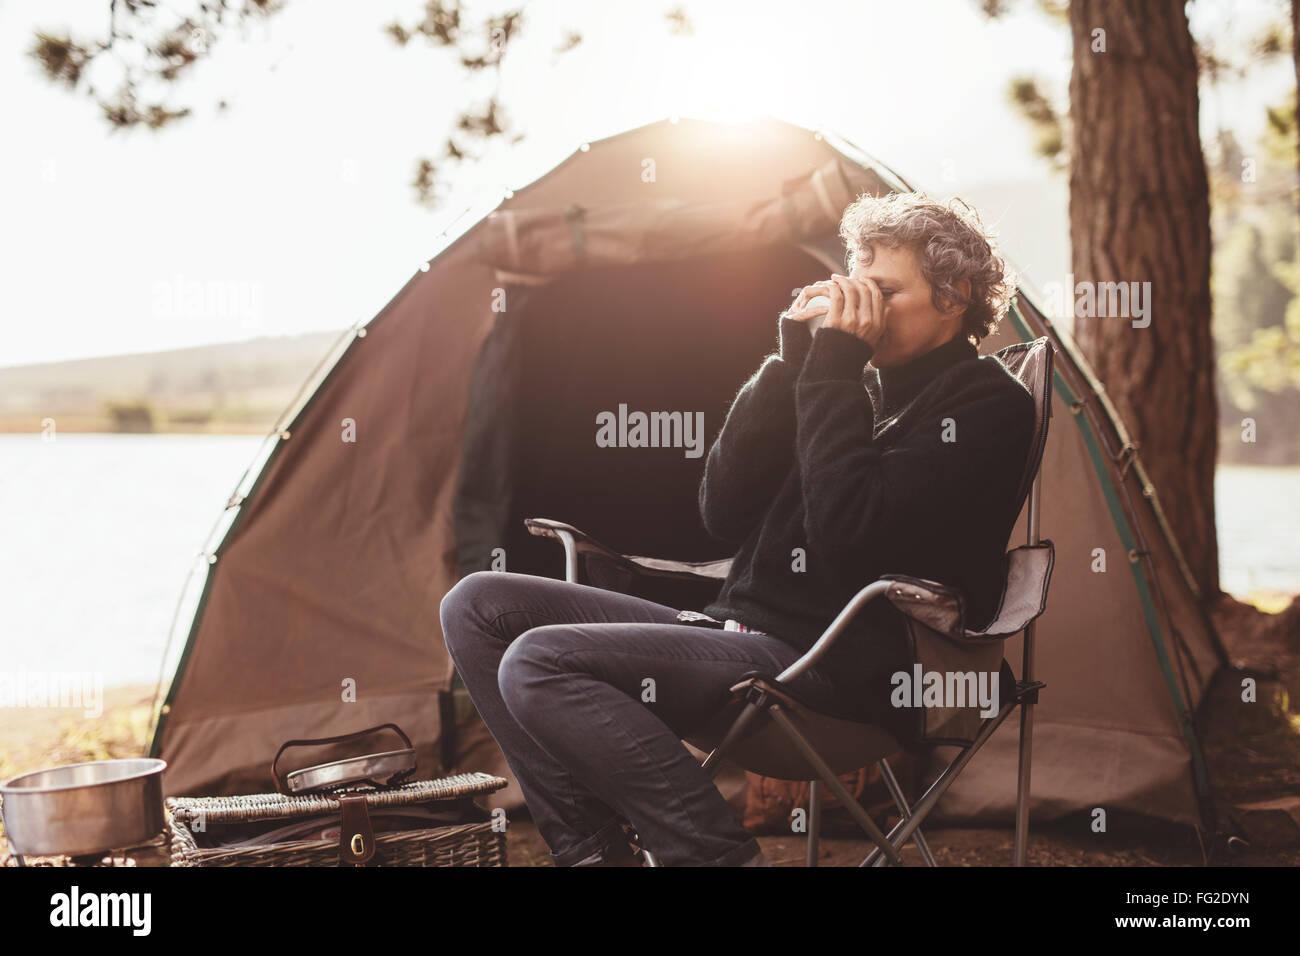 Retrato de mujer madura, sentada en una silla en el camping de beber café. Mujer caucásica acampar en Imagen De Stock